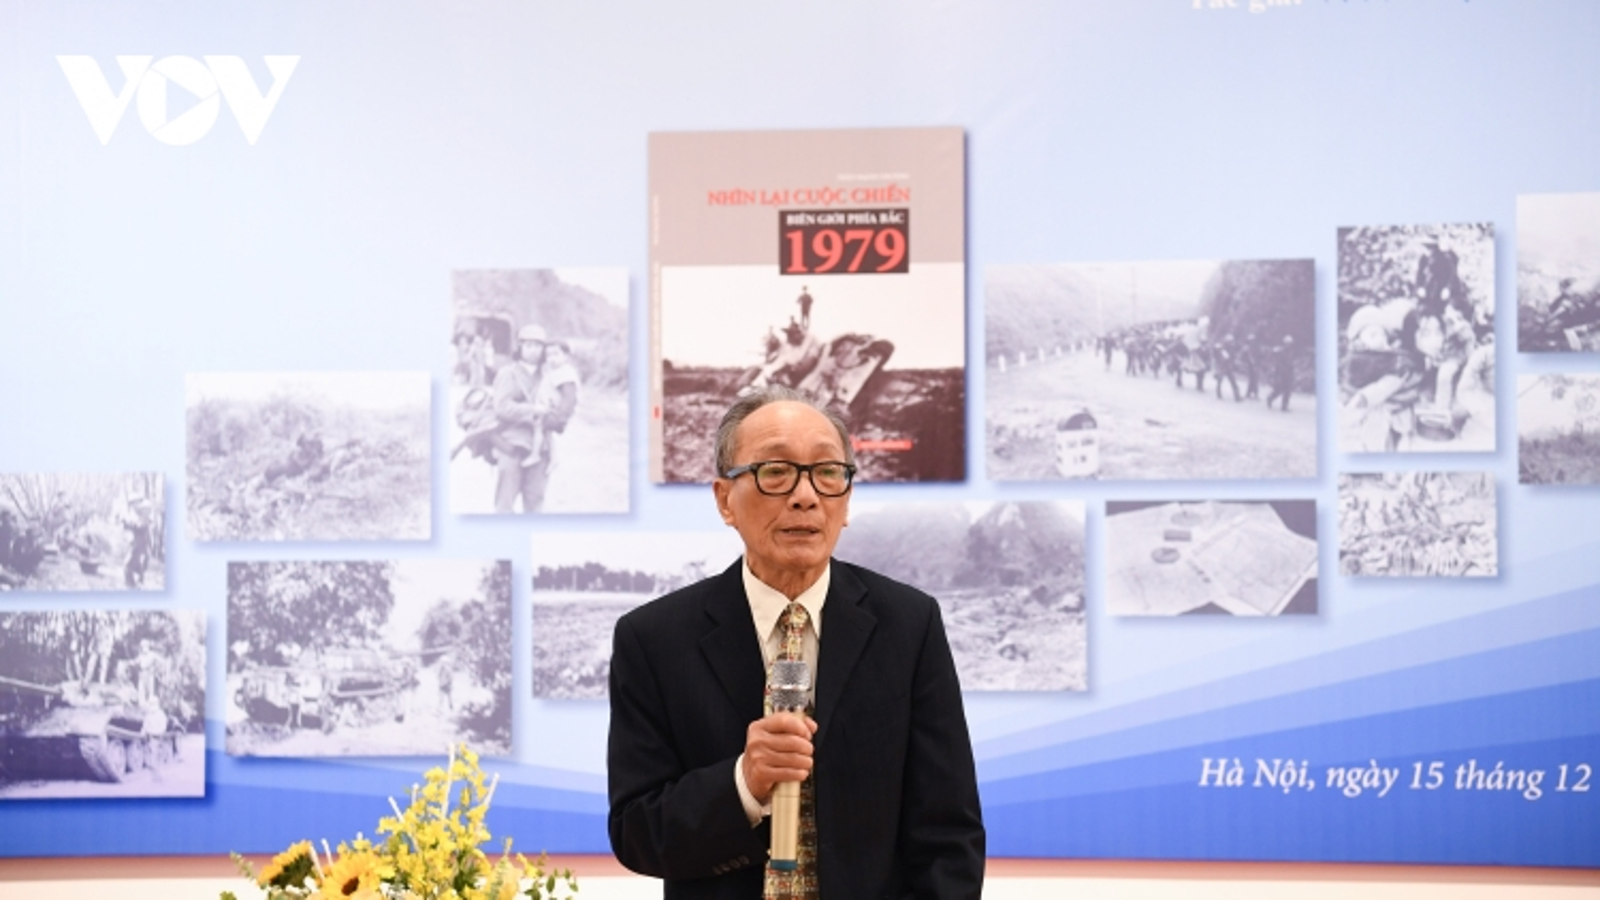 Ra mắt sách ảnh của phóng viên chiến trường Trần Mạnh Thường